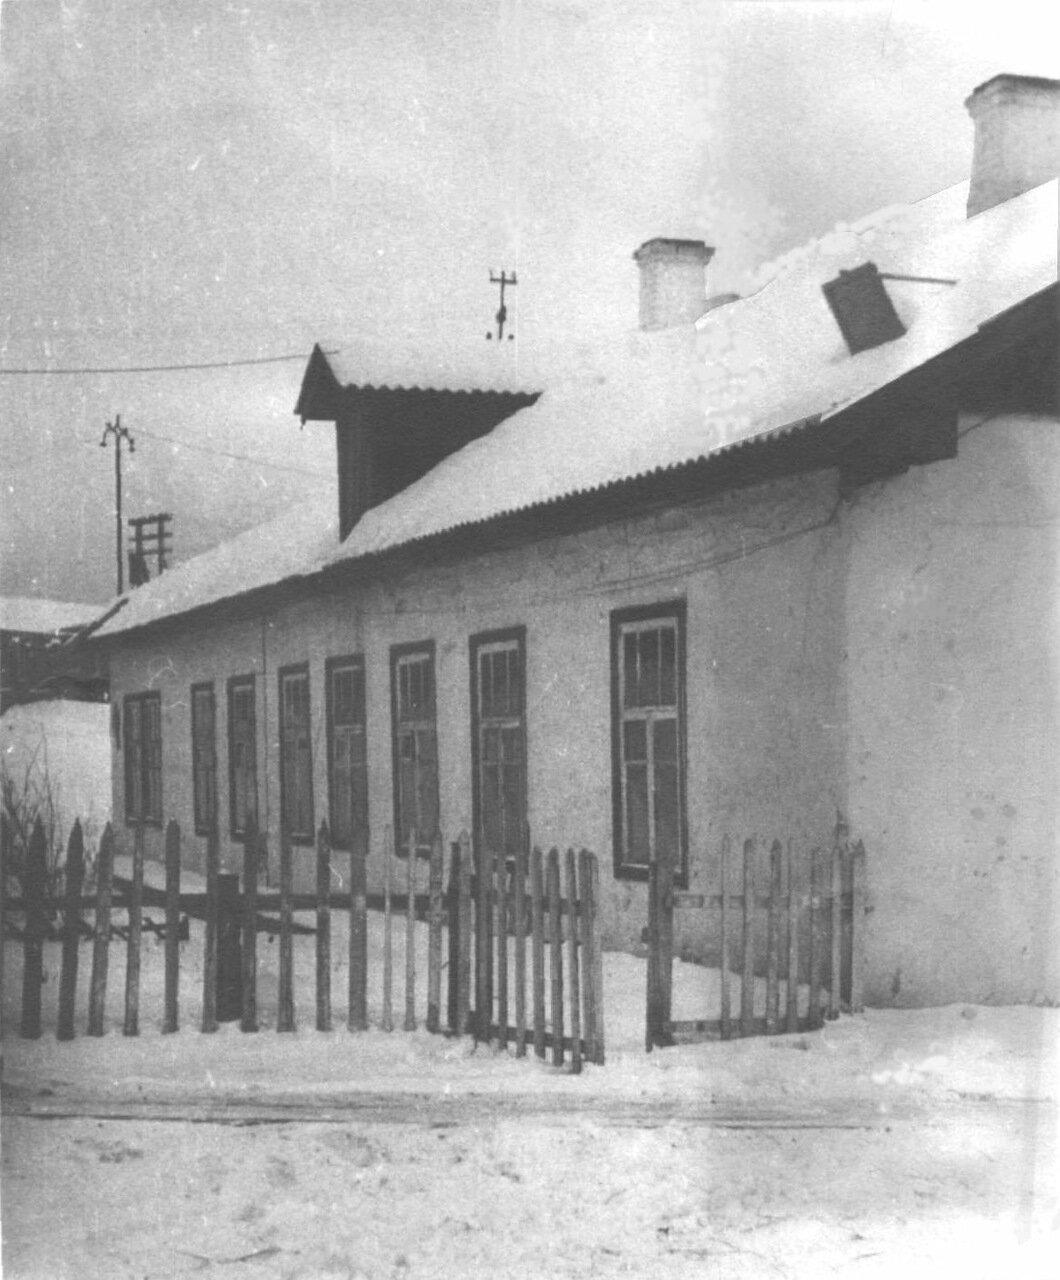 1949. Общежитие Спецконторы по тушению подземных пожаров